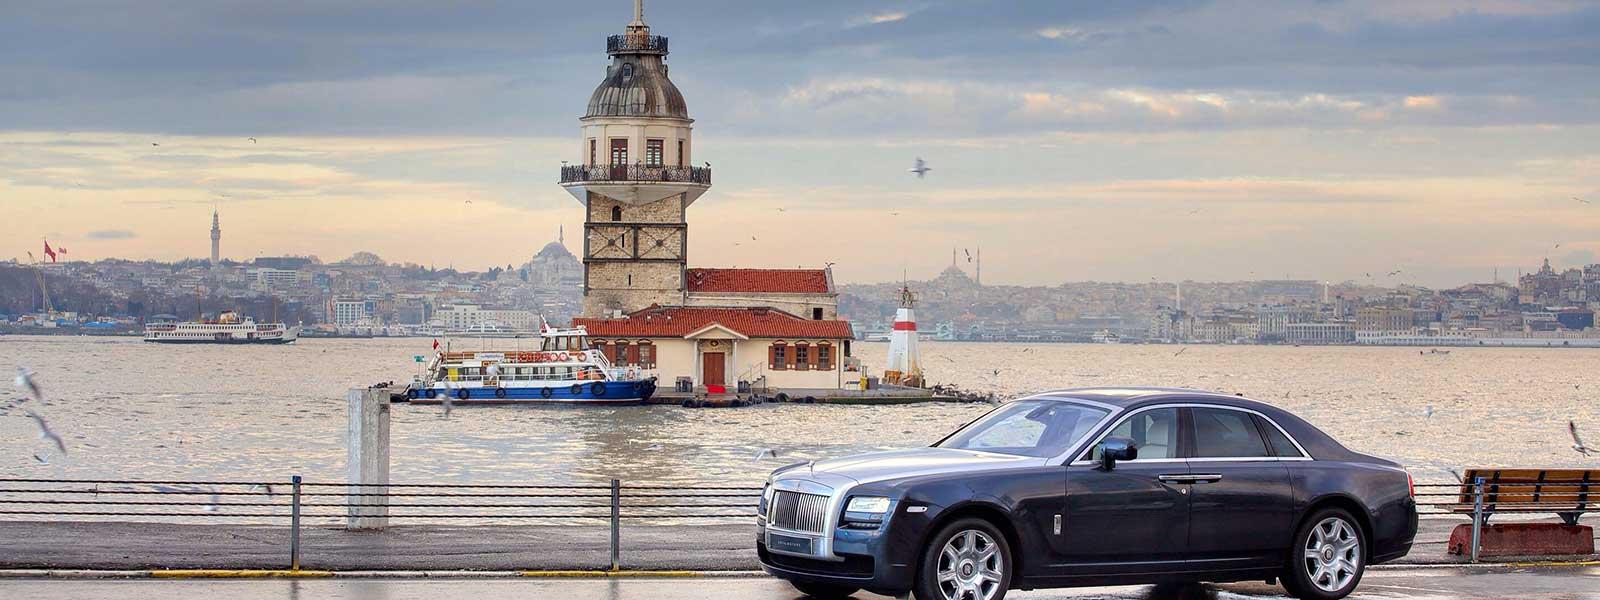 A Car In Turkey